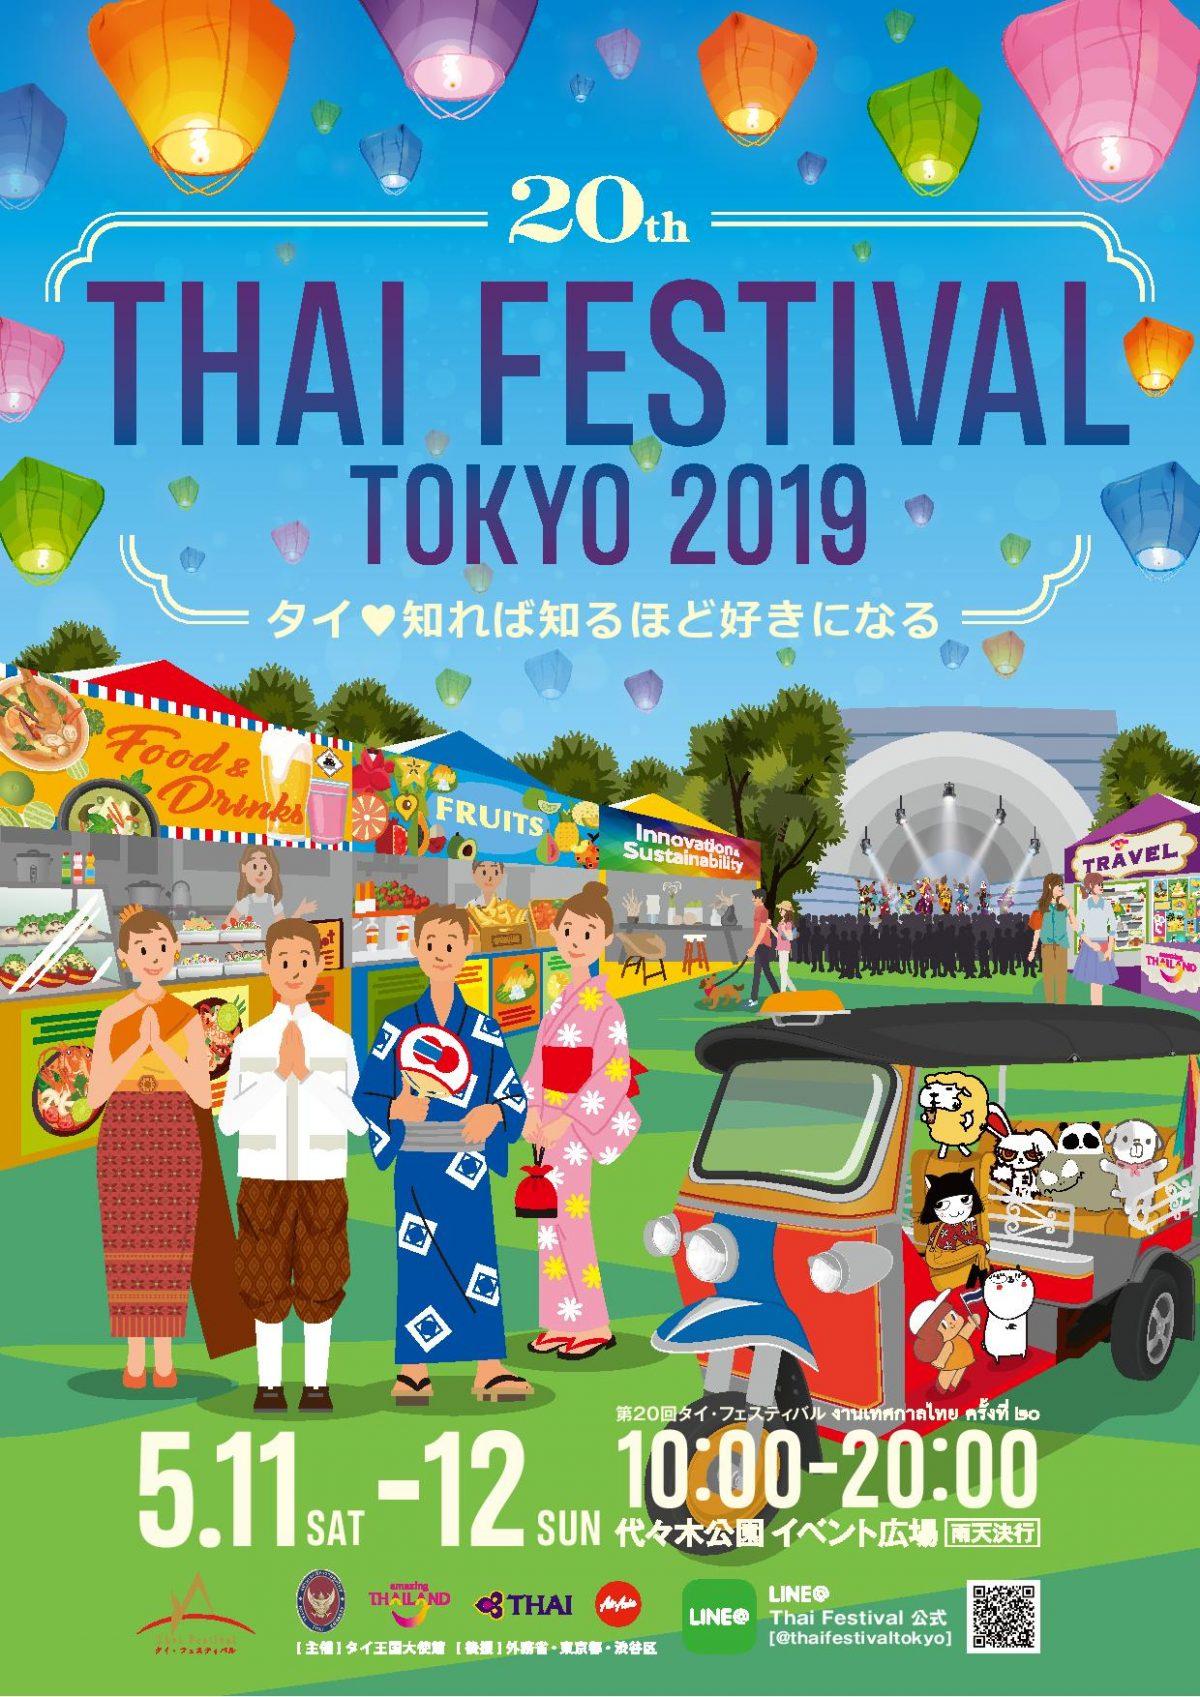 タイ♥知れば知るほど好きになる 第20回タイ・フェスティバル2019